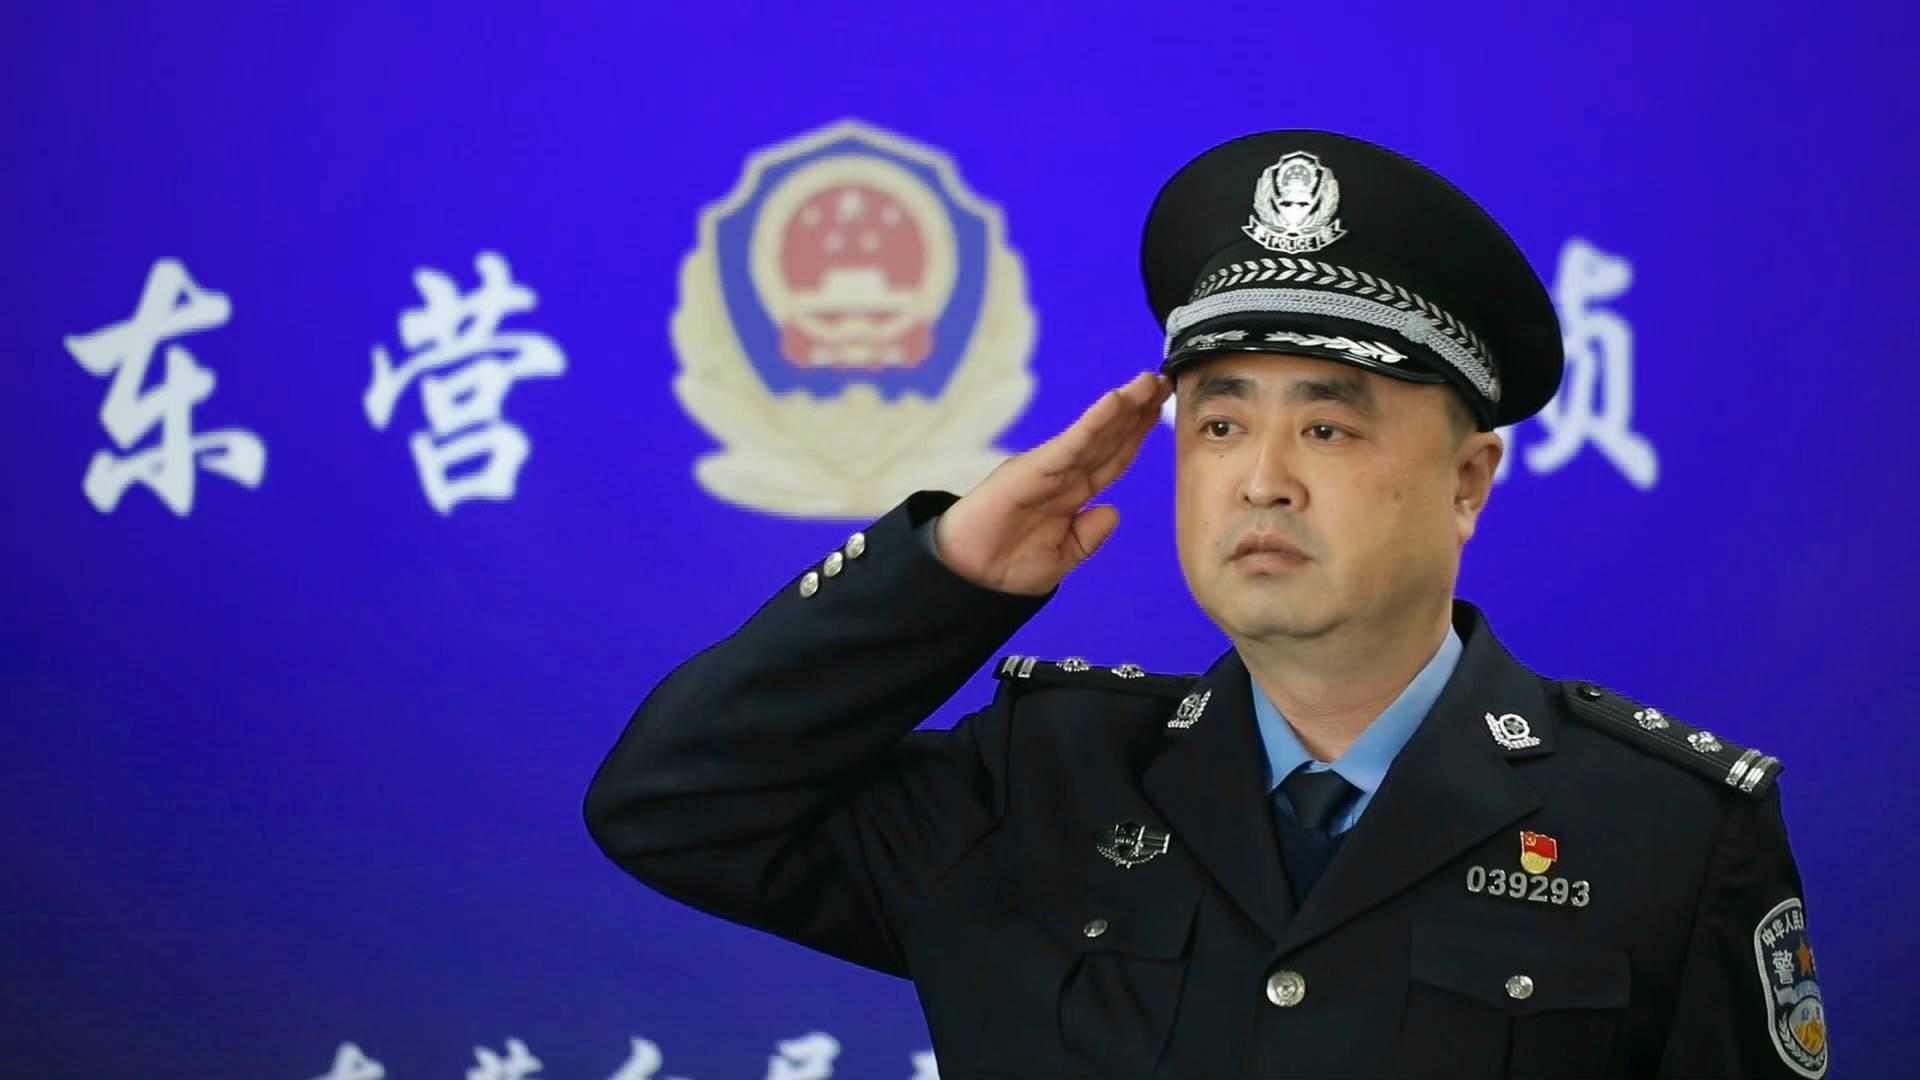 齐鲁最美警察丨戴魁:扫黑是要押上身家性命的,黑恶不除决不收兵